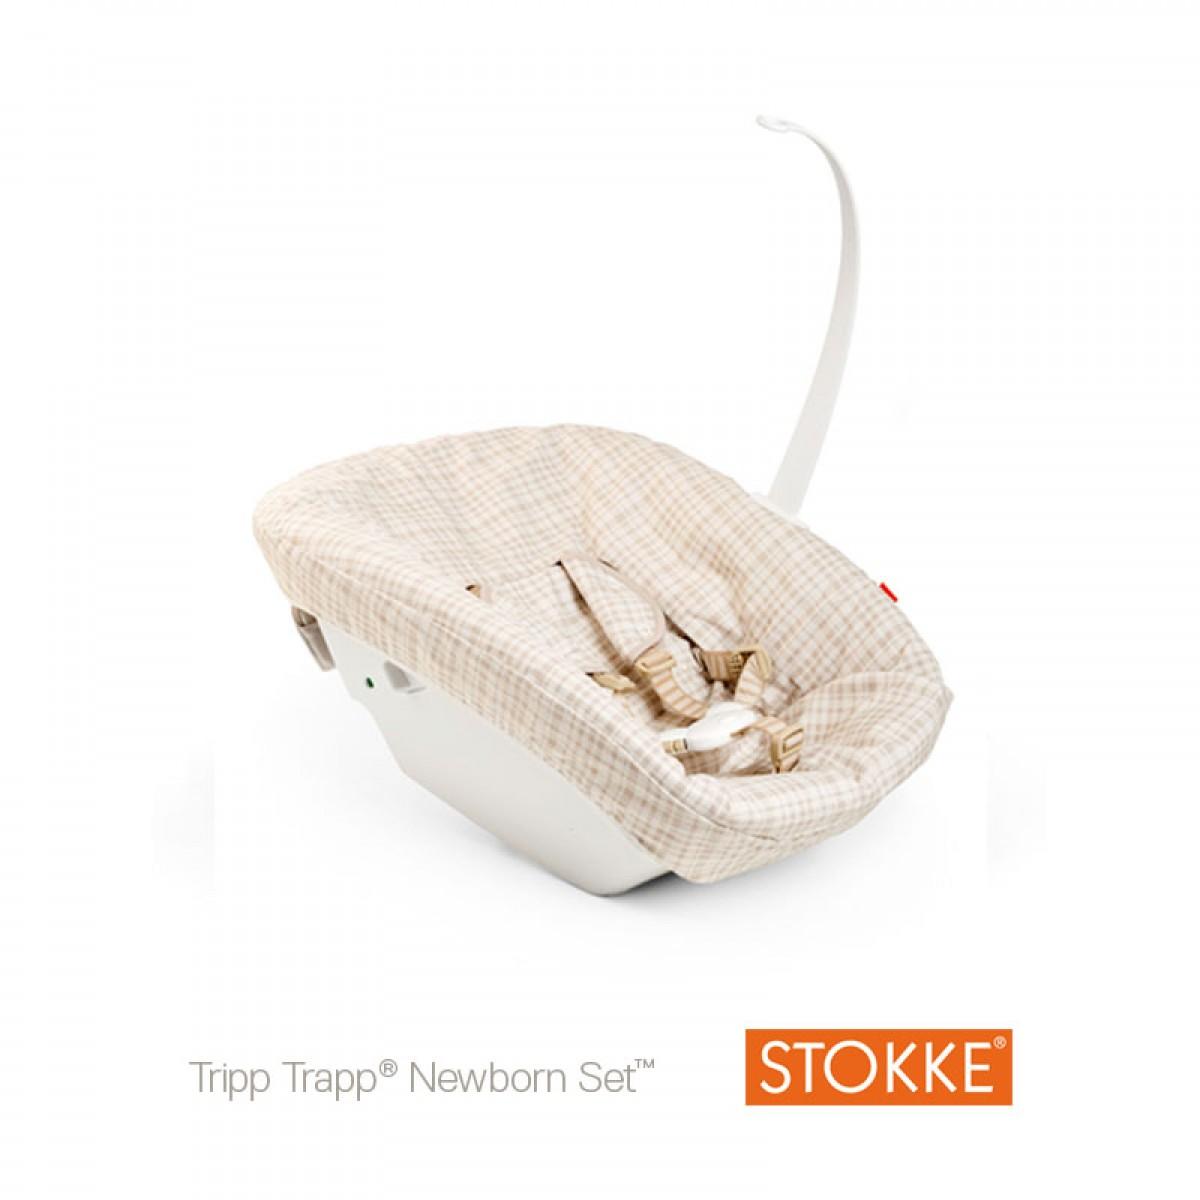 Stokketripp Trapp New Born Set